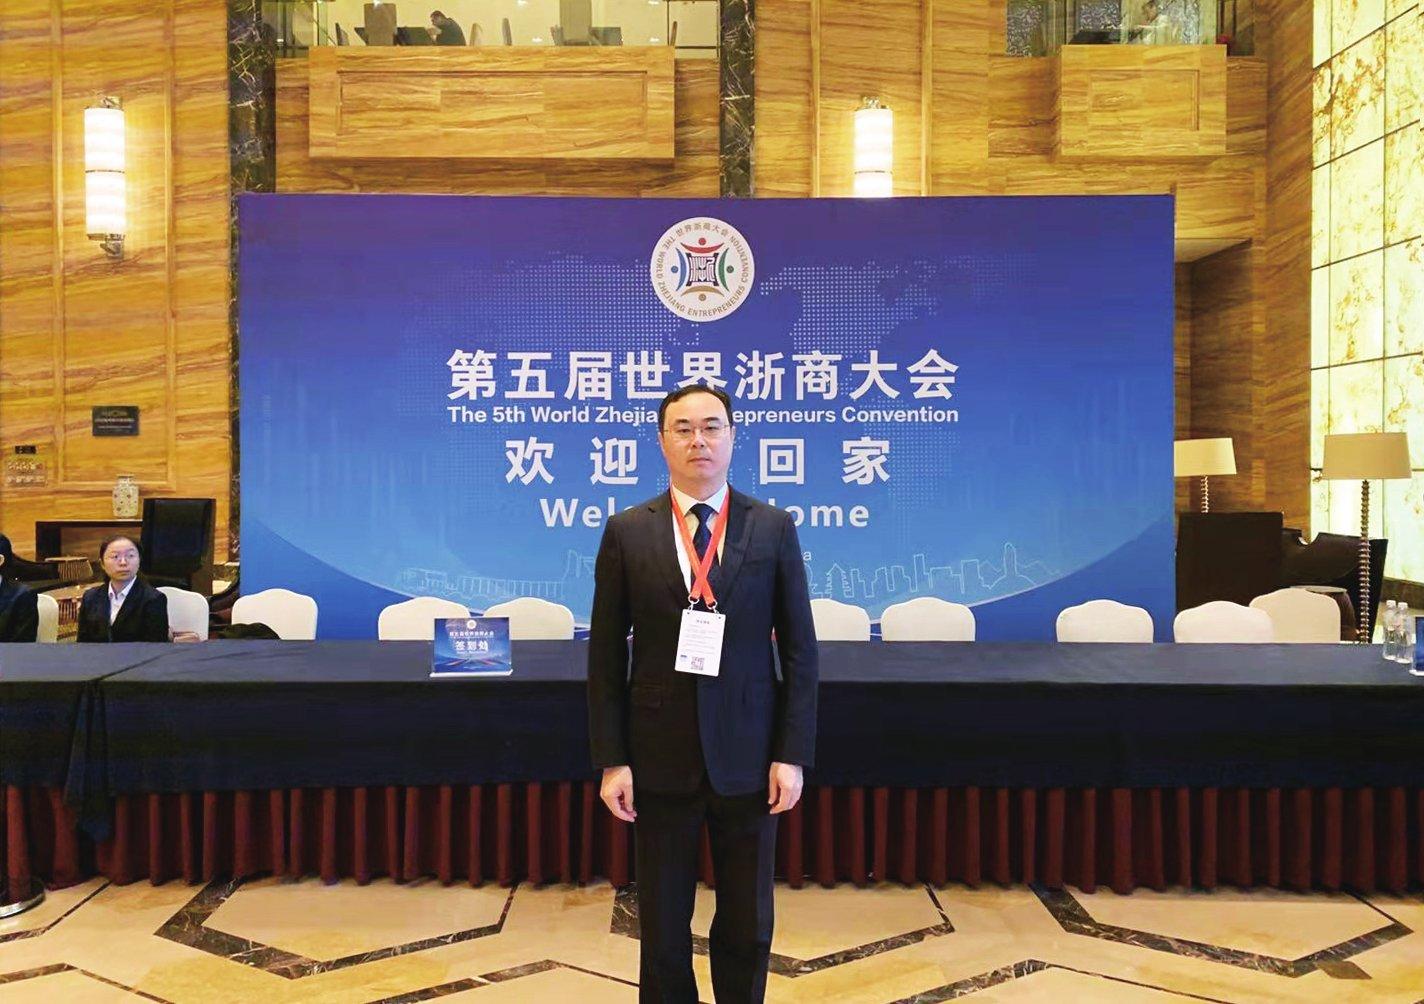 第五届世界浙商大会在杭州国际博览中心隆重开幕